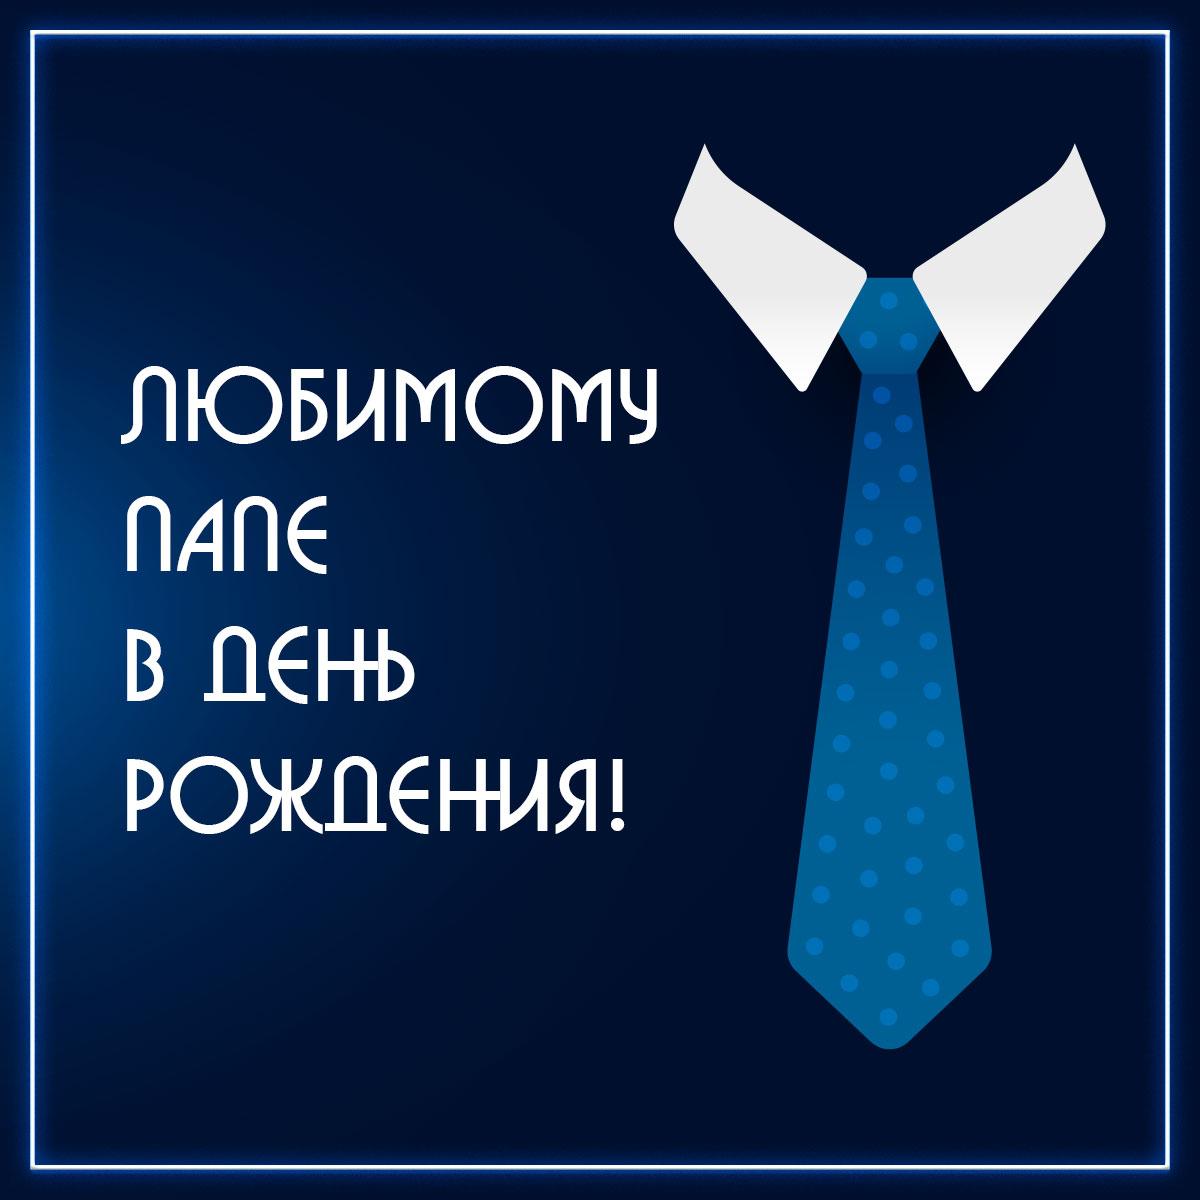 Синяя картинка папе с голубым мужским галстуком на день рождения.